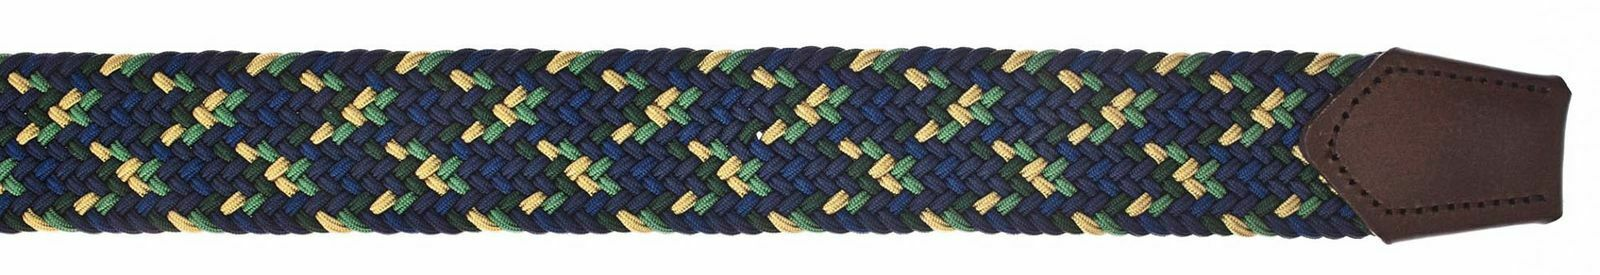 b.belt Luca Stretch Belt W100 Gürtel Accessoire Navy - Light Green Blau Grün Neu